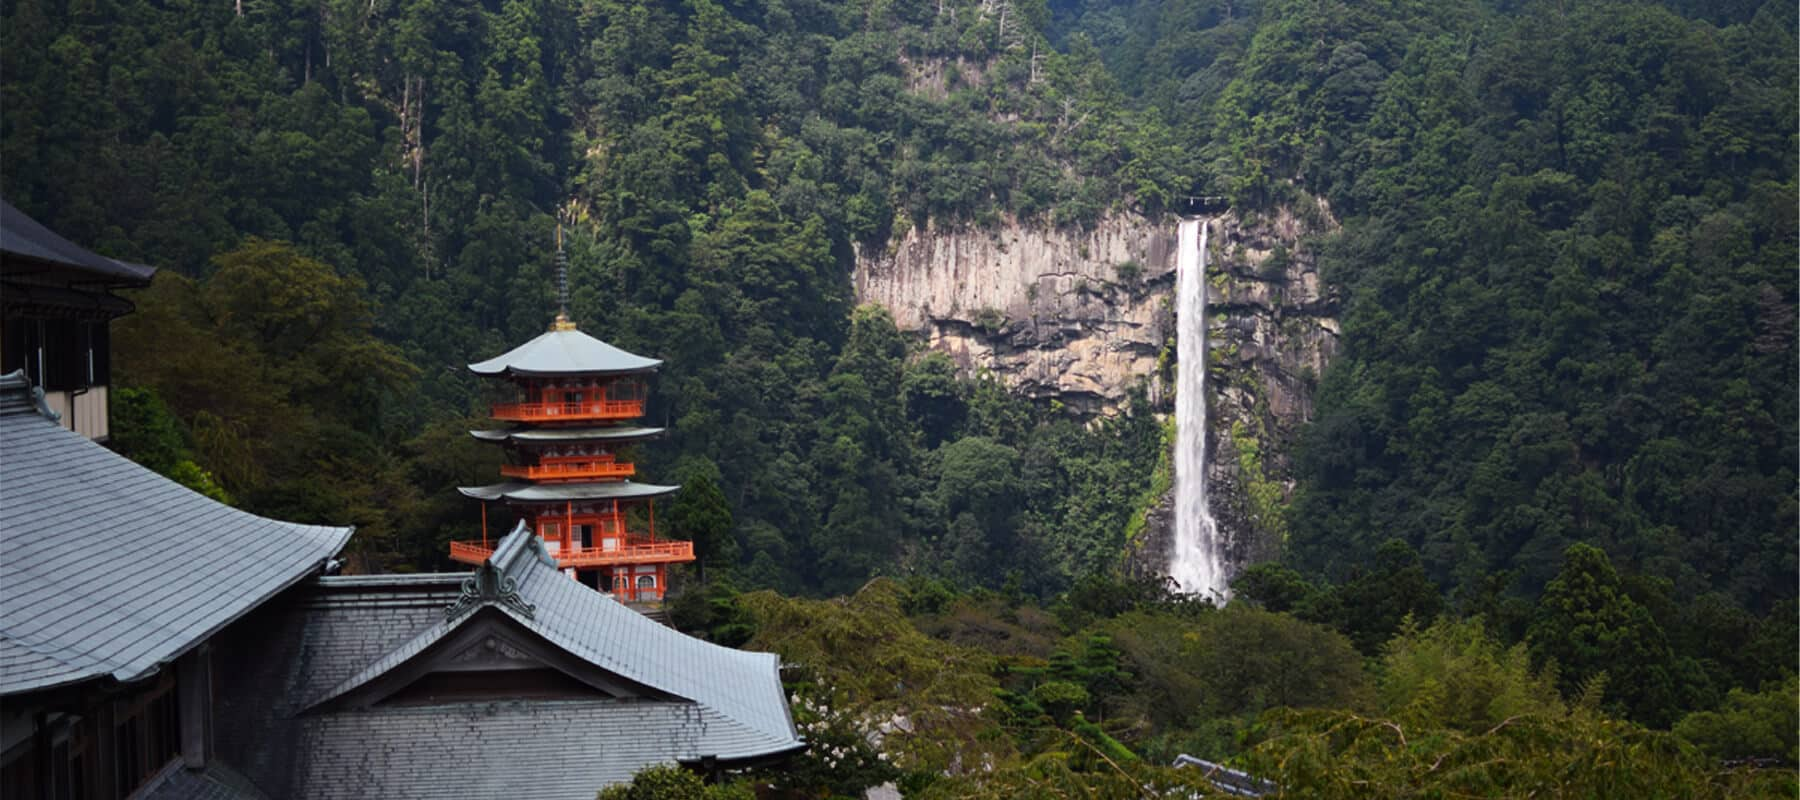 Les Kumano kodo: Hongu-taisha et Nachi-taisha